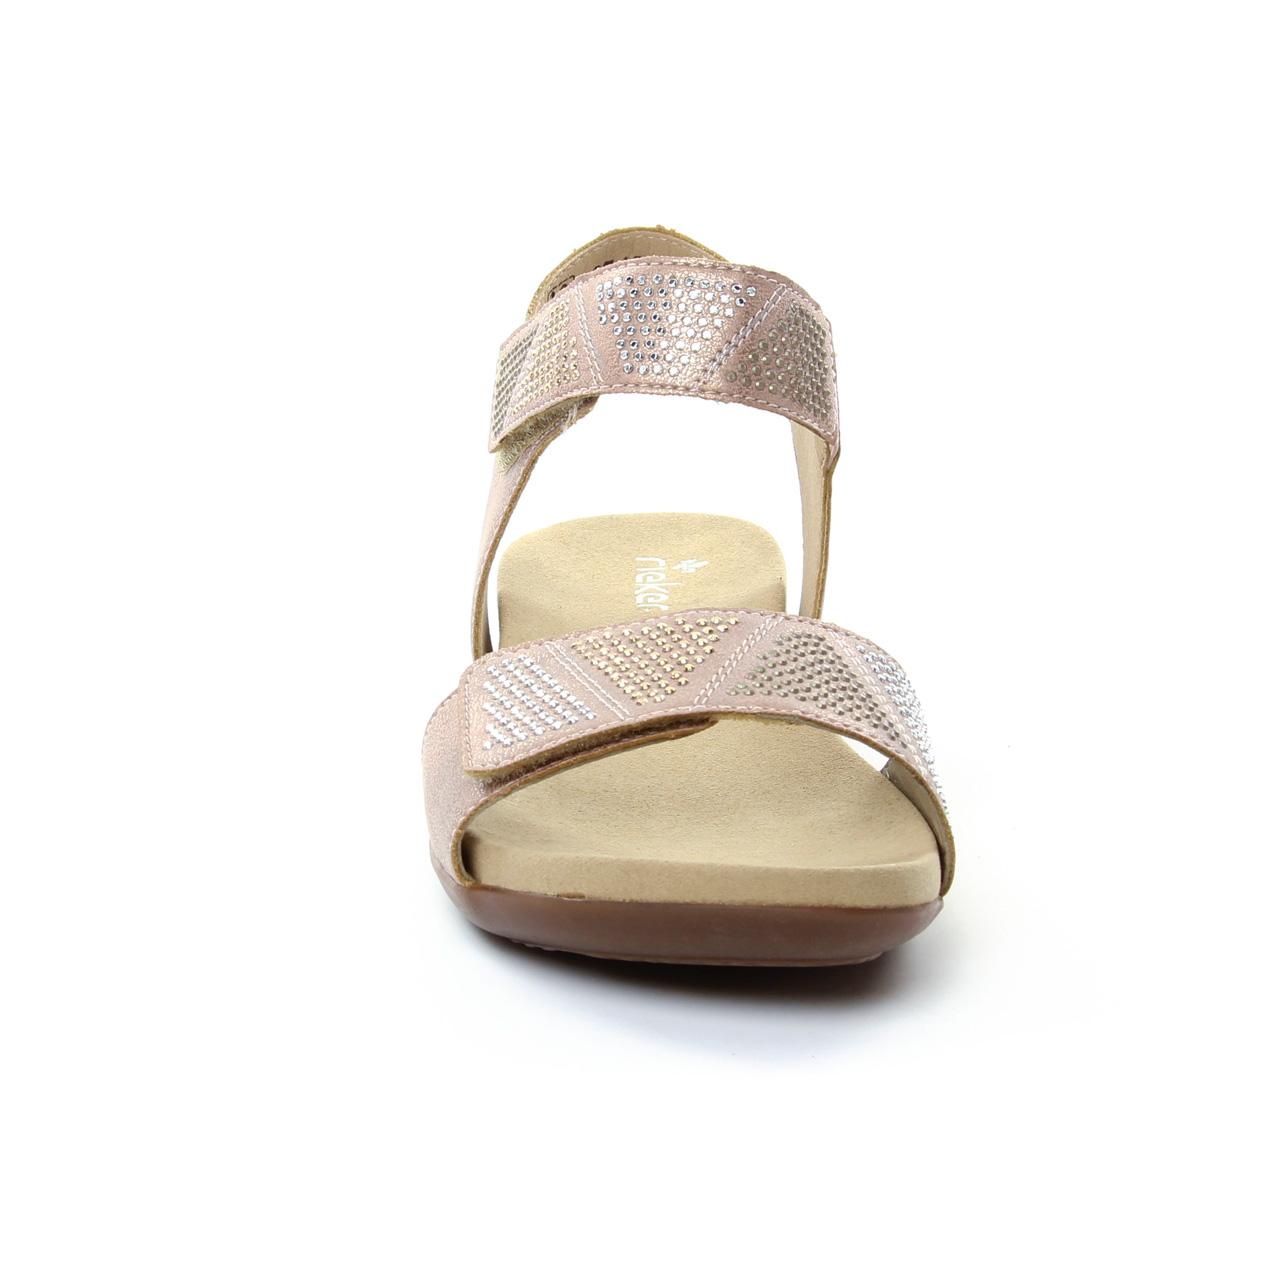 Rieker K2269 Rose | sandales rose printemps été chez TROIS PAR 3